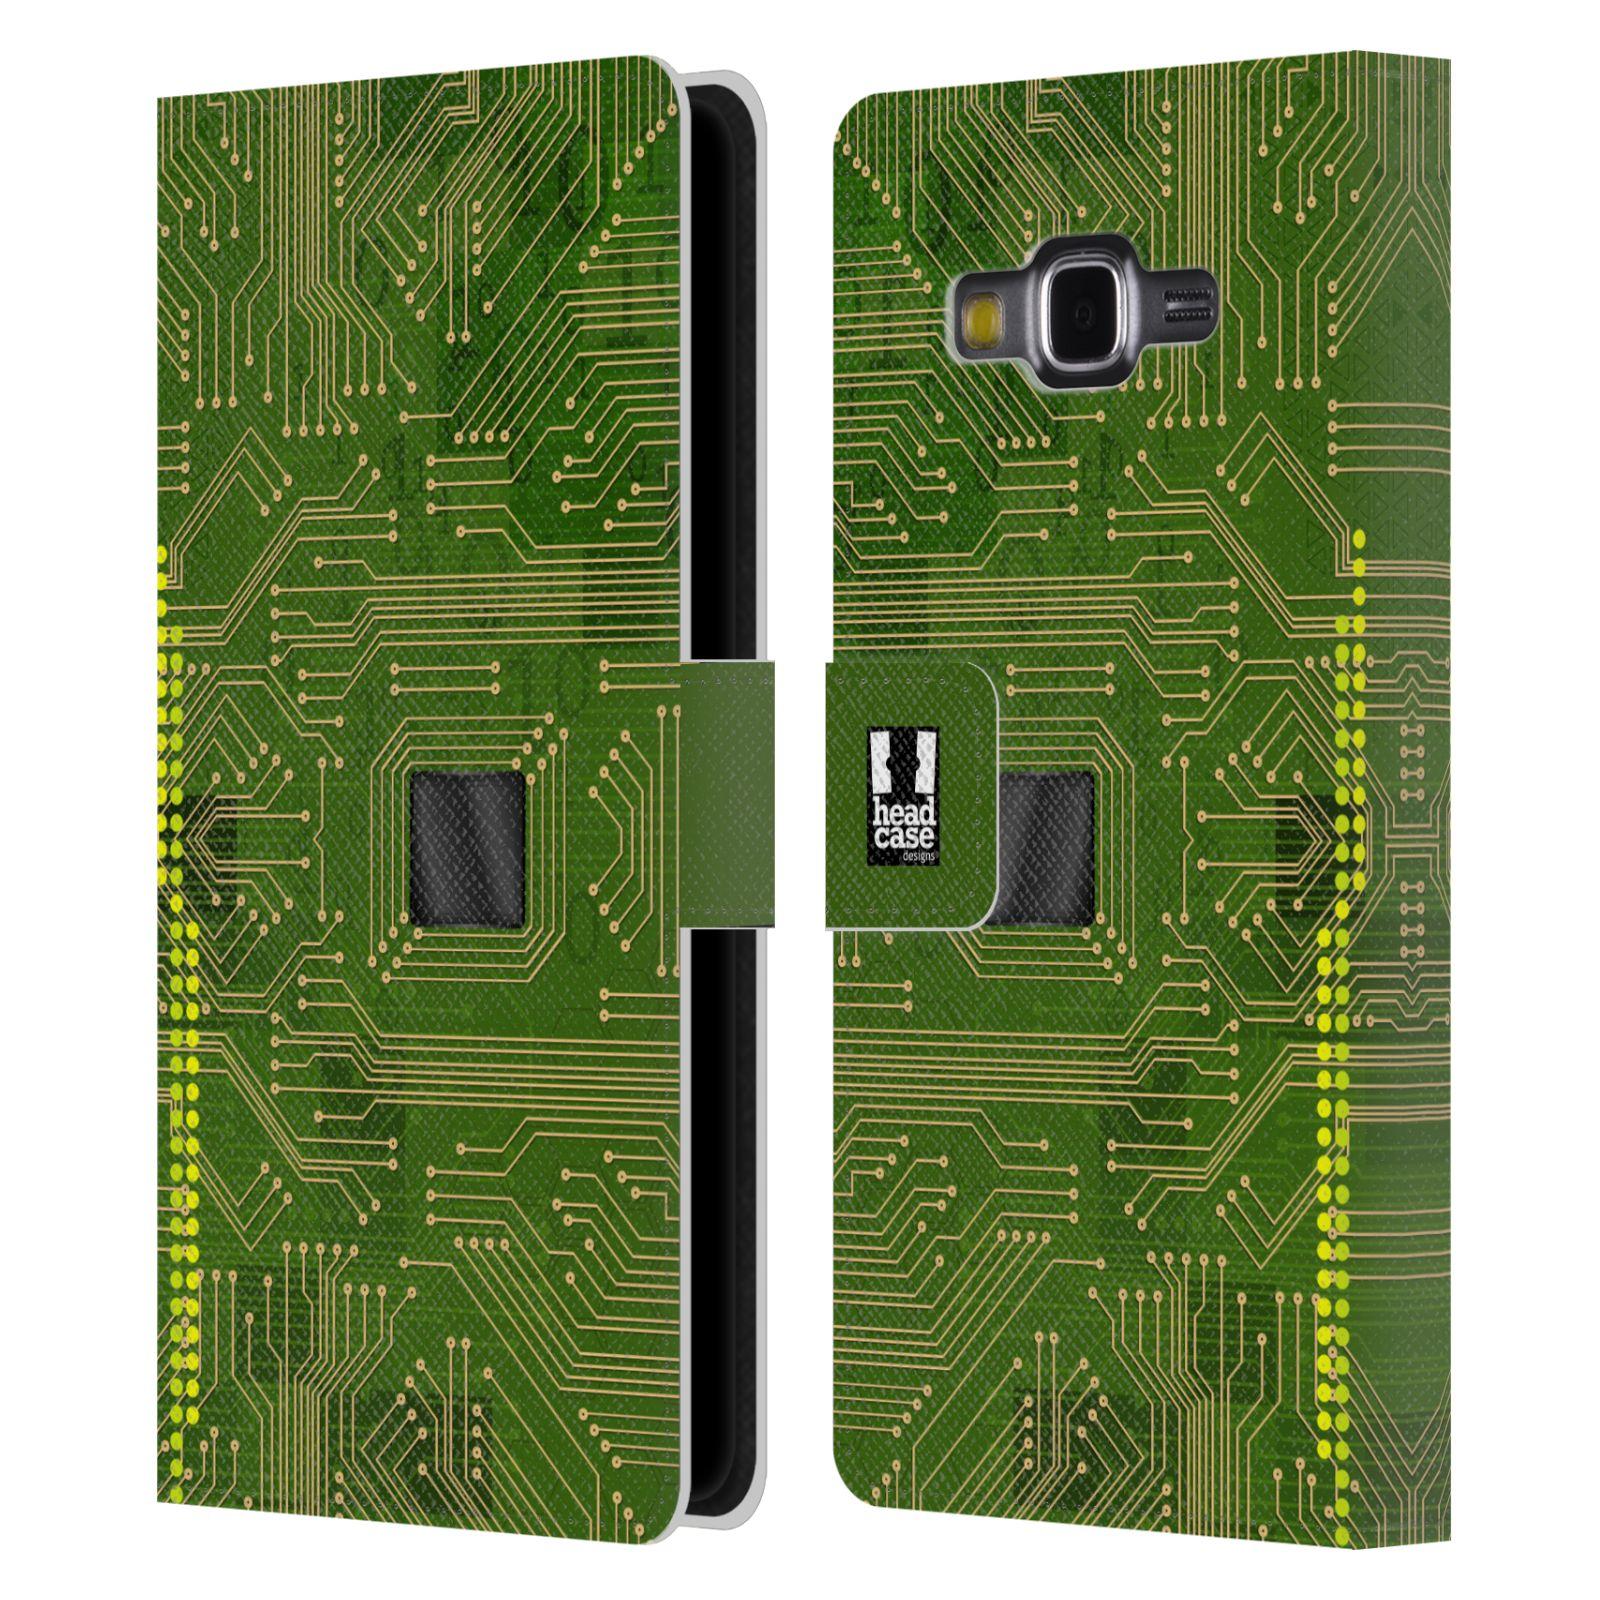 HEAD CASE Flipové pouzdro pro mobil Samsung Galaxy Grand PRIME počítač základní deska zelená barva